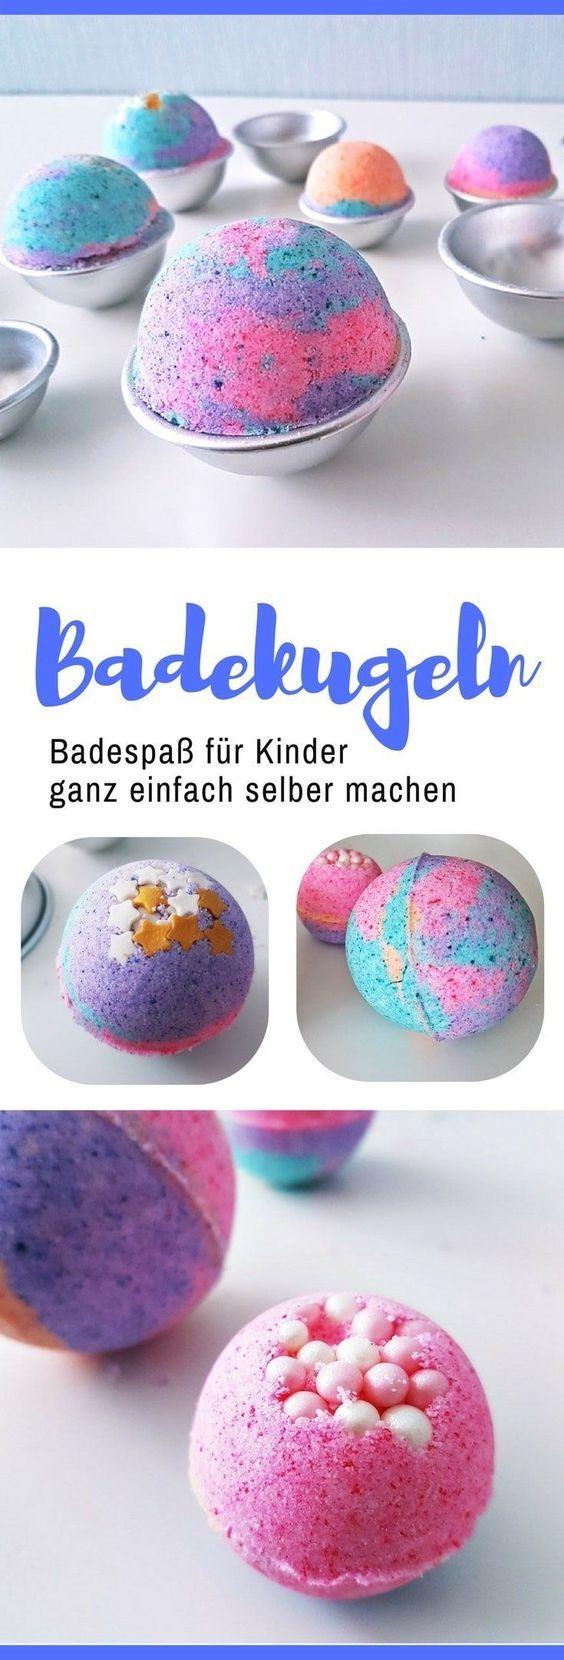 DIY Anleitung: Sprudelnde bunte Badekugeln für Kinder herstellen